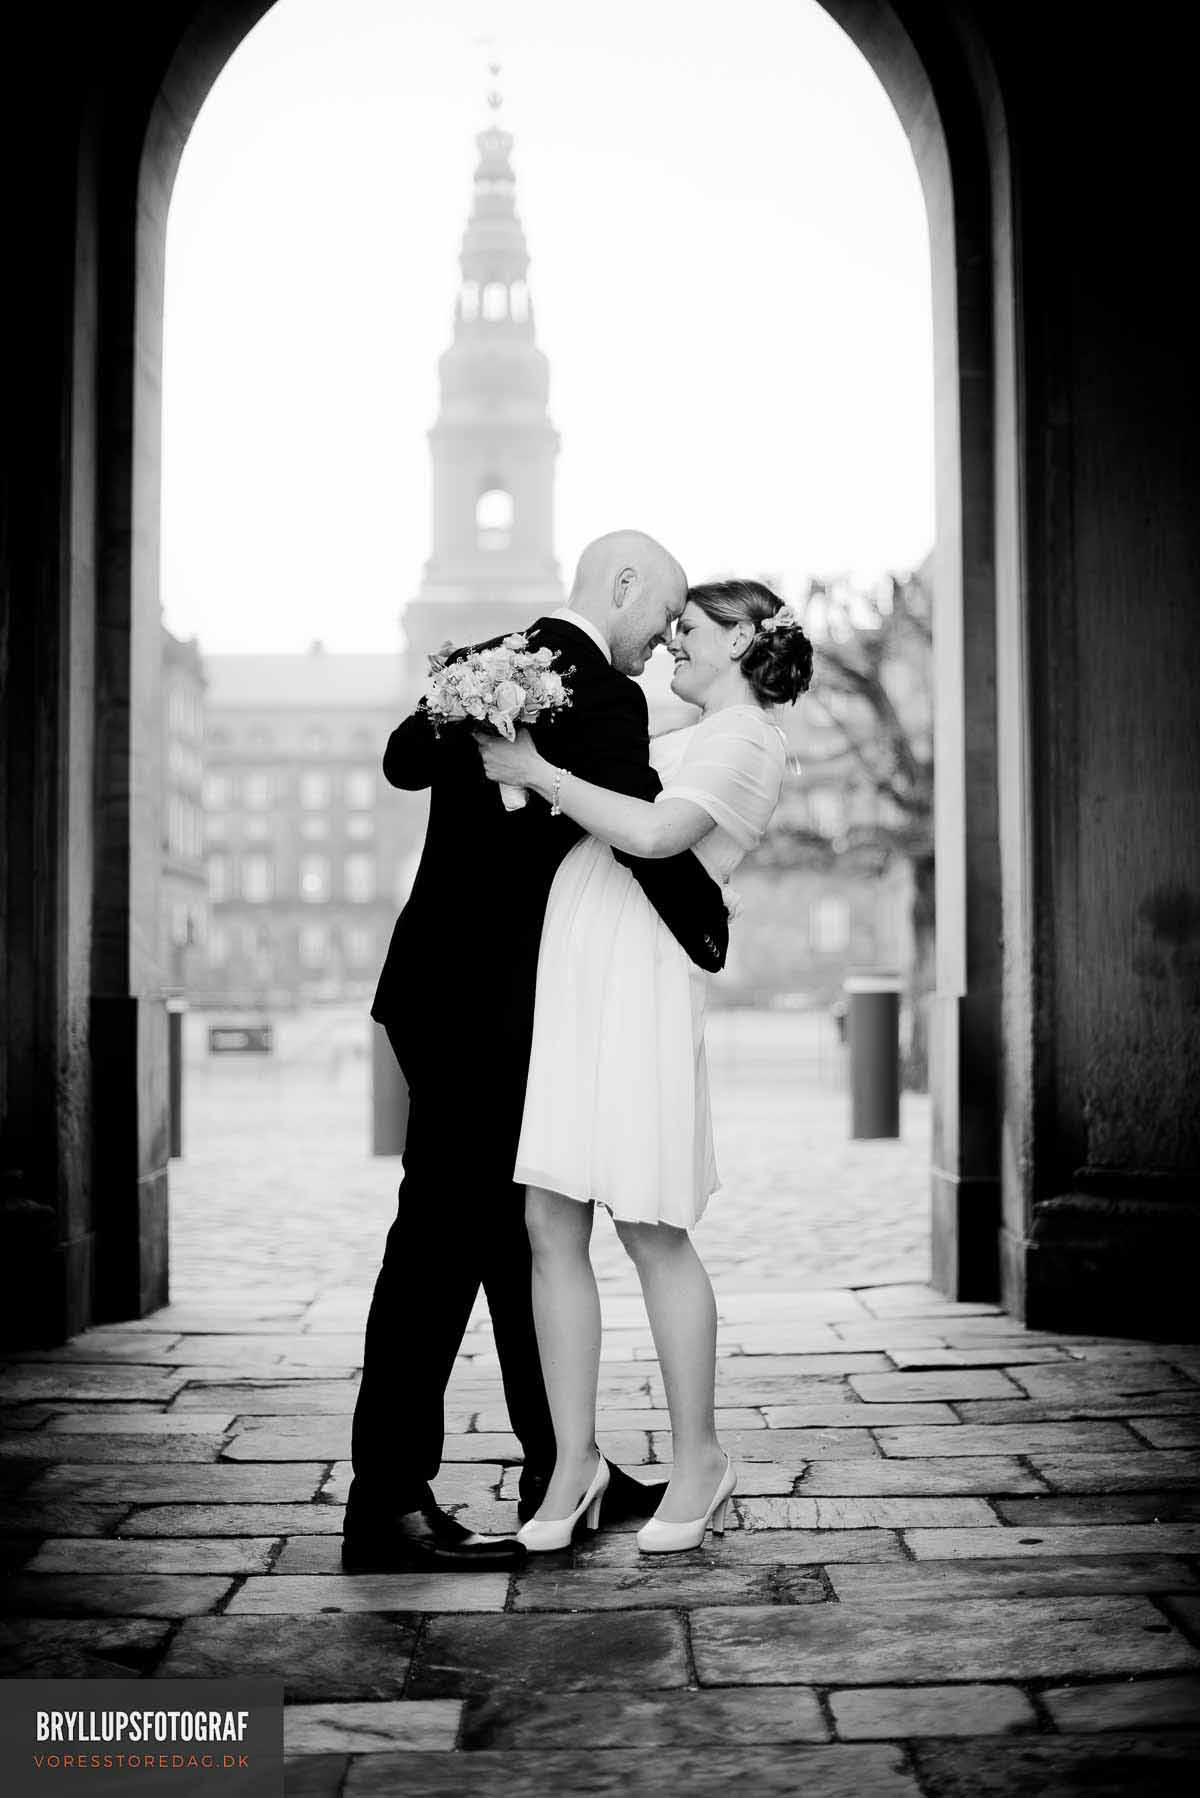 Bryllupsfotograf København - Pakker og priser til jeres bryllup